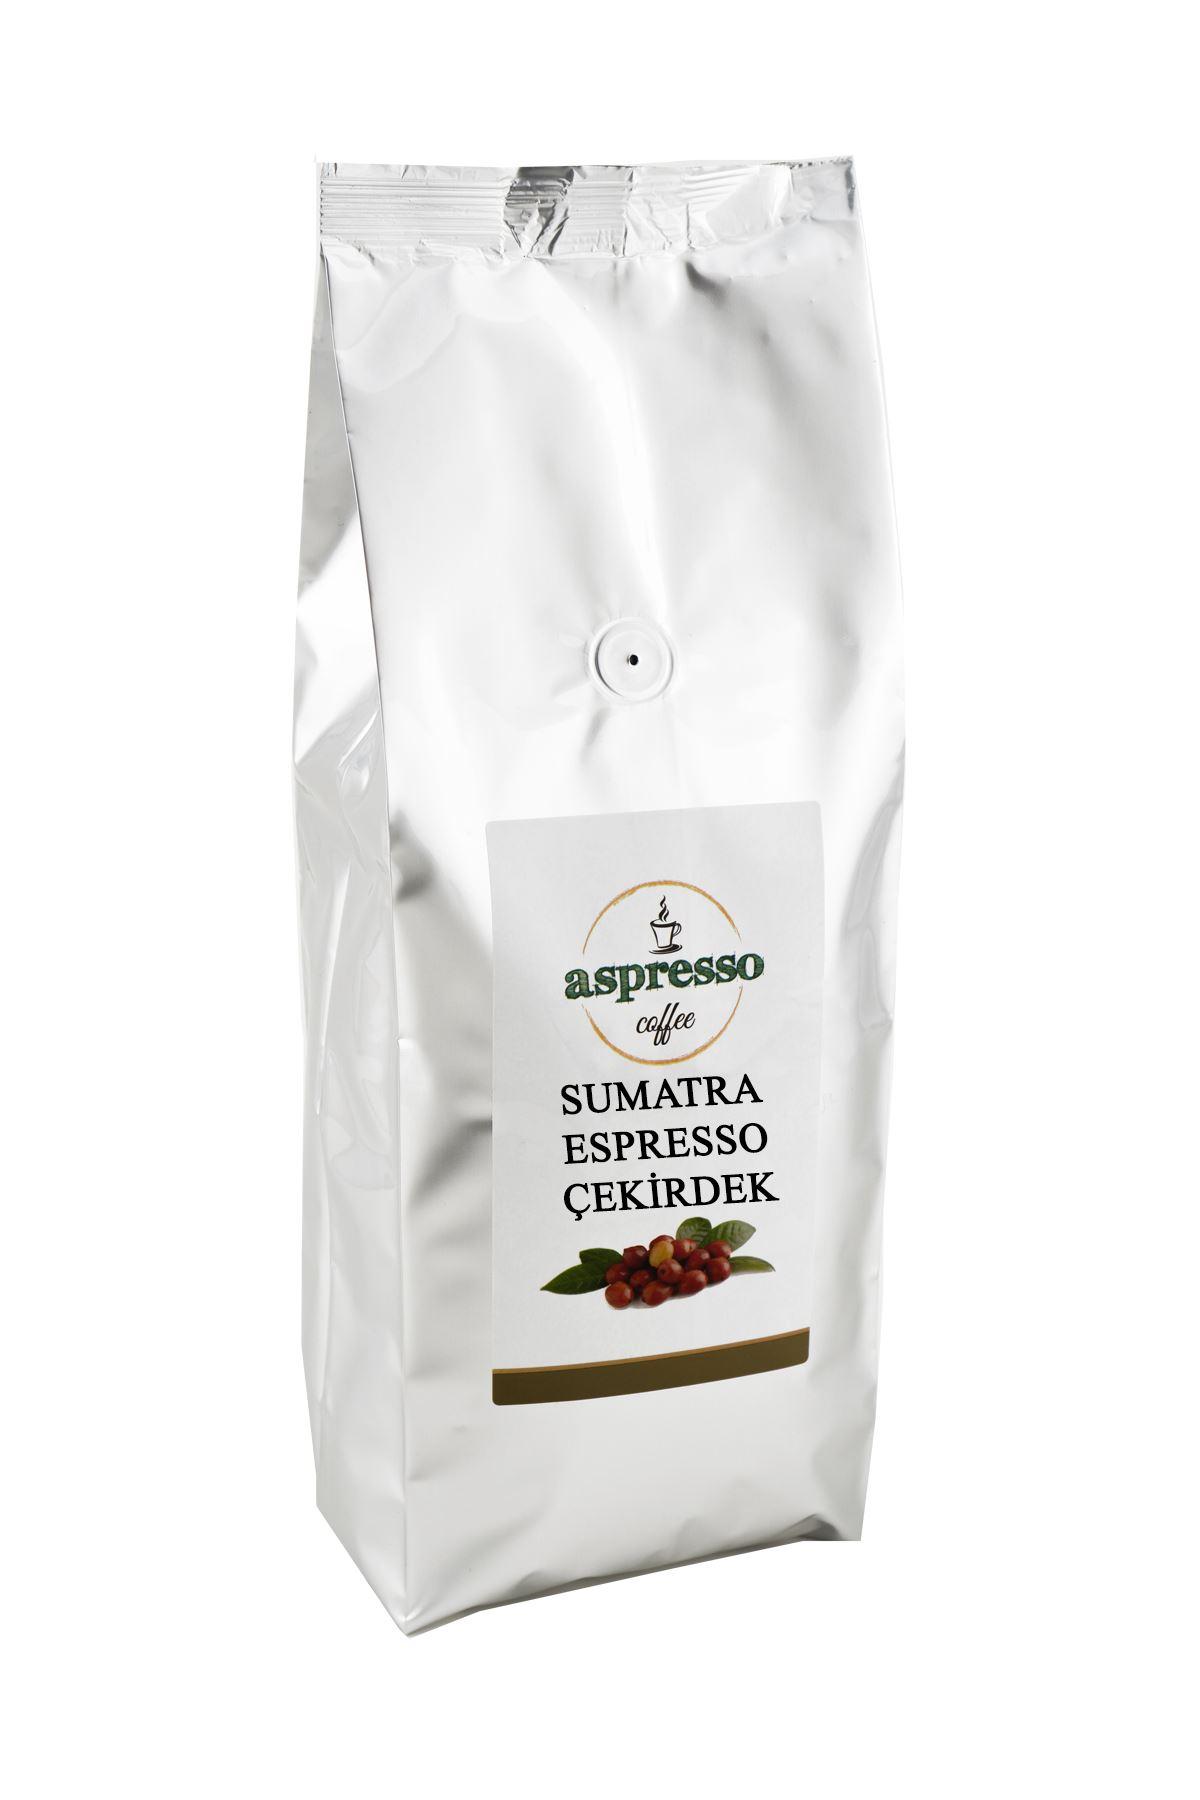 Sumatra Espresso Çekirdek 1000 gr.